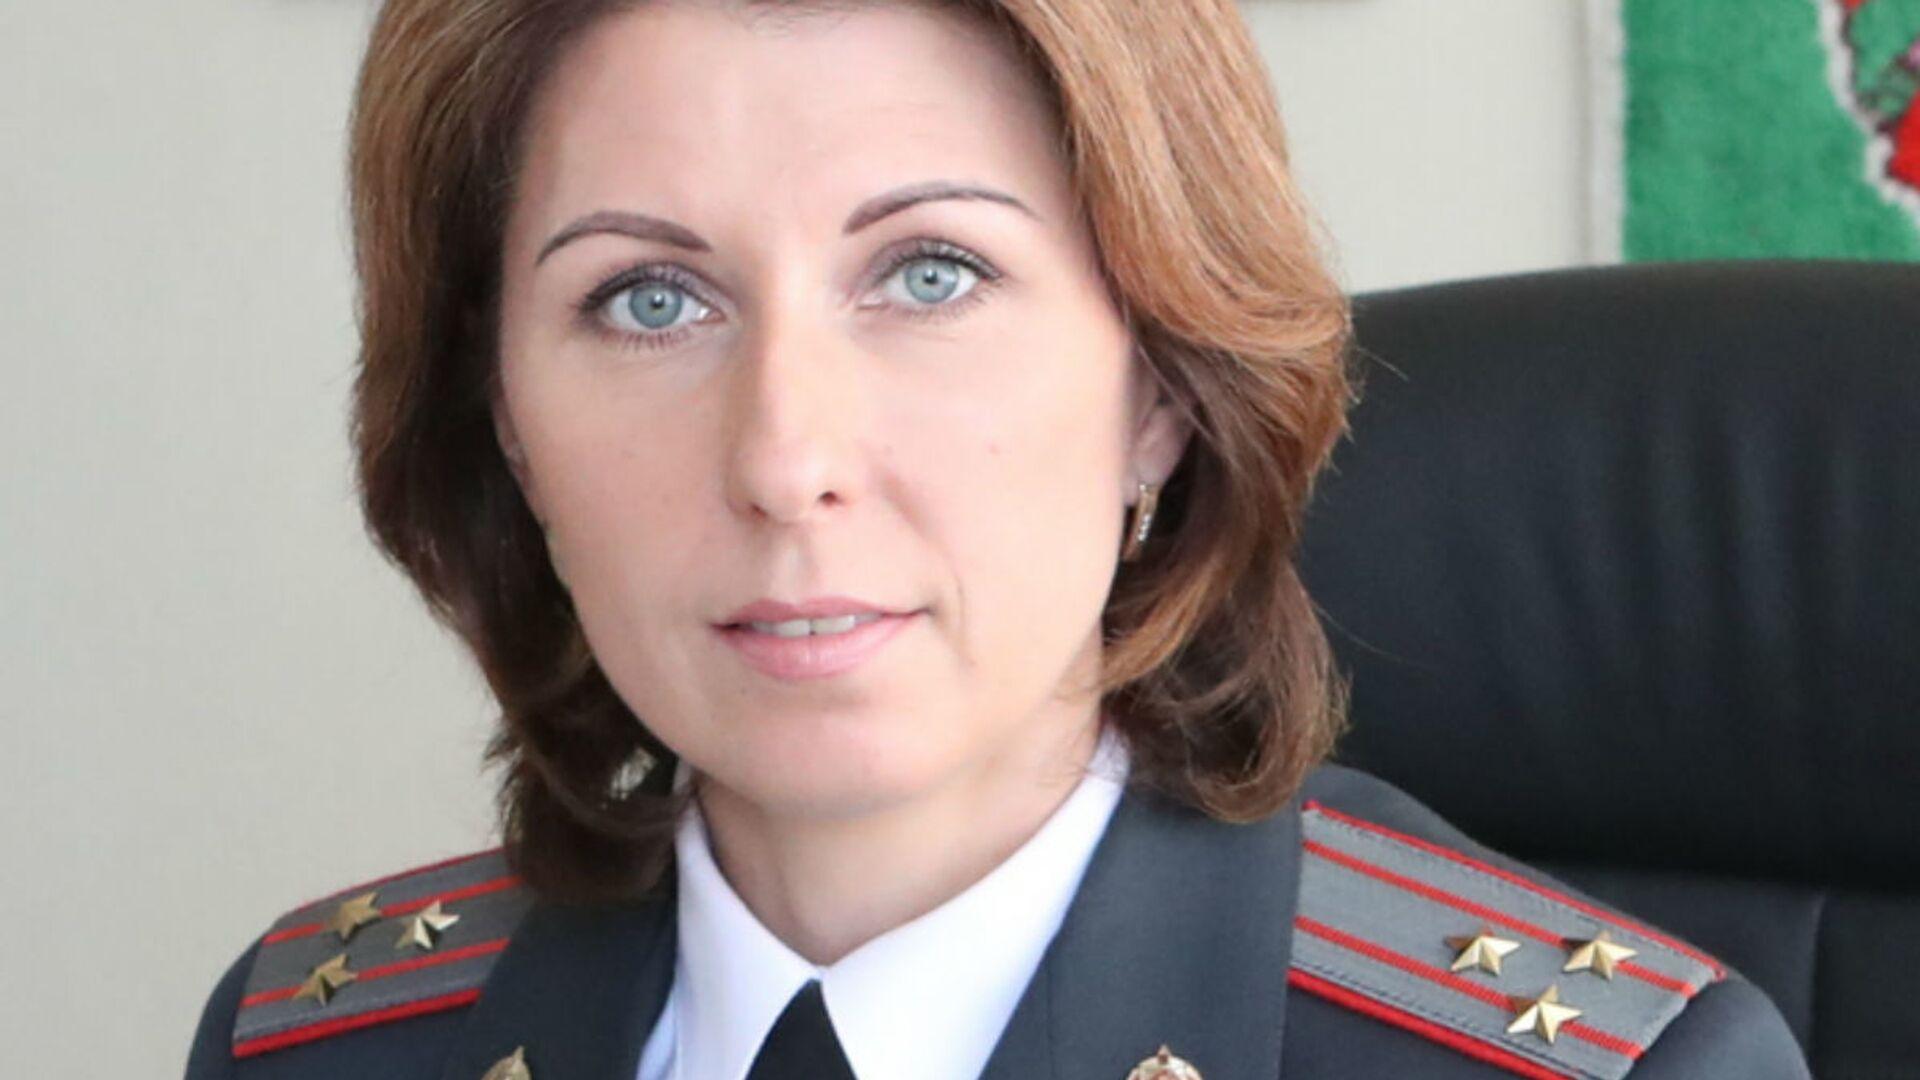 Ольга Чемоданова - Sputnik Беларусь, 1920, 04.10.2021